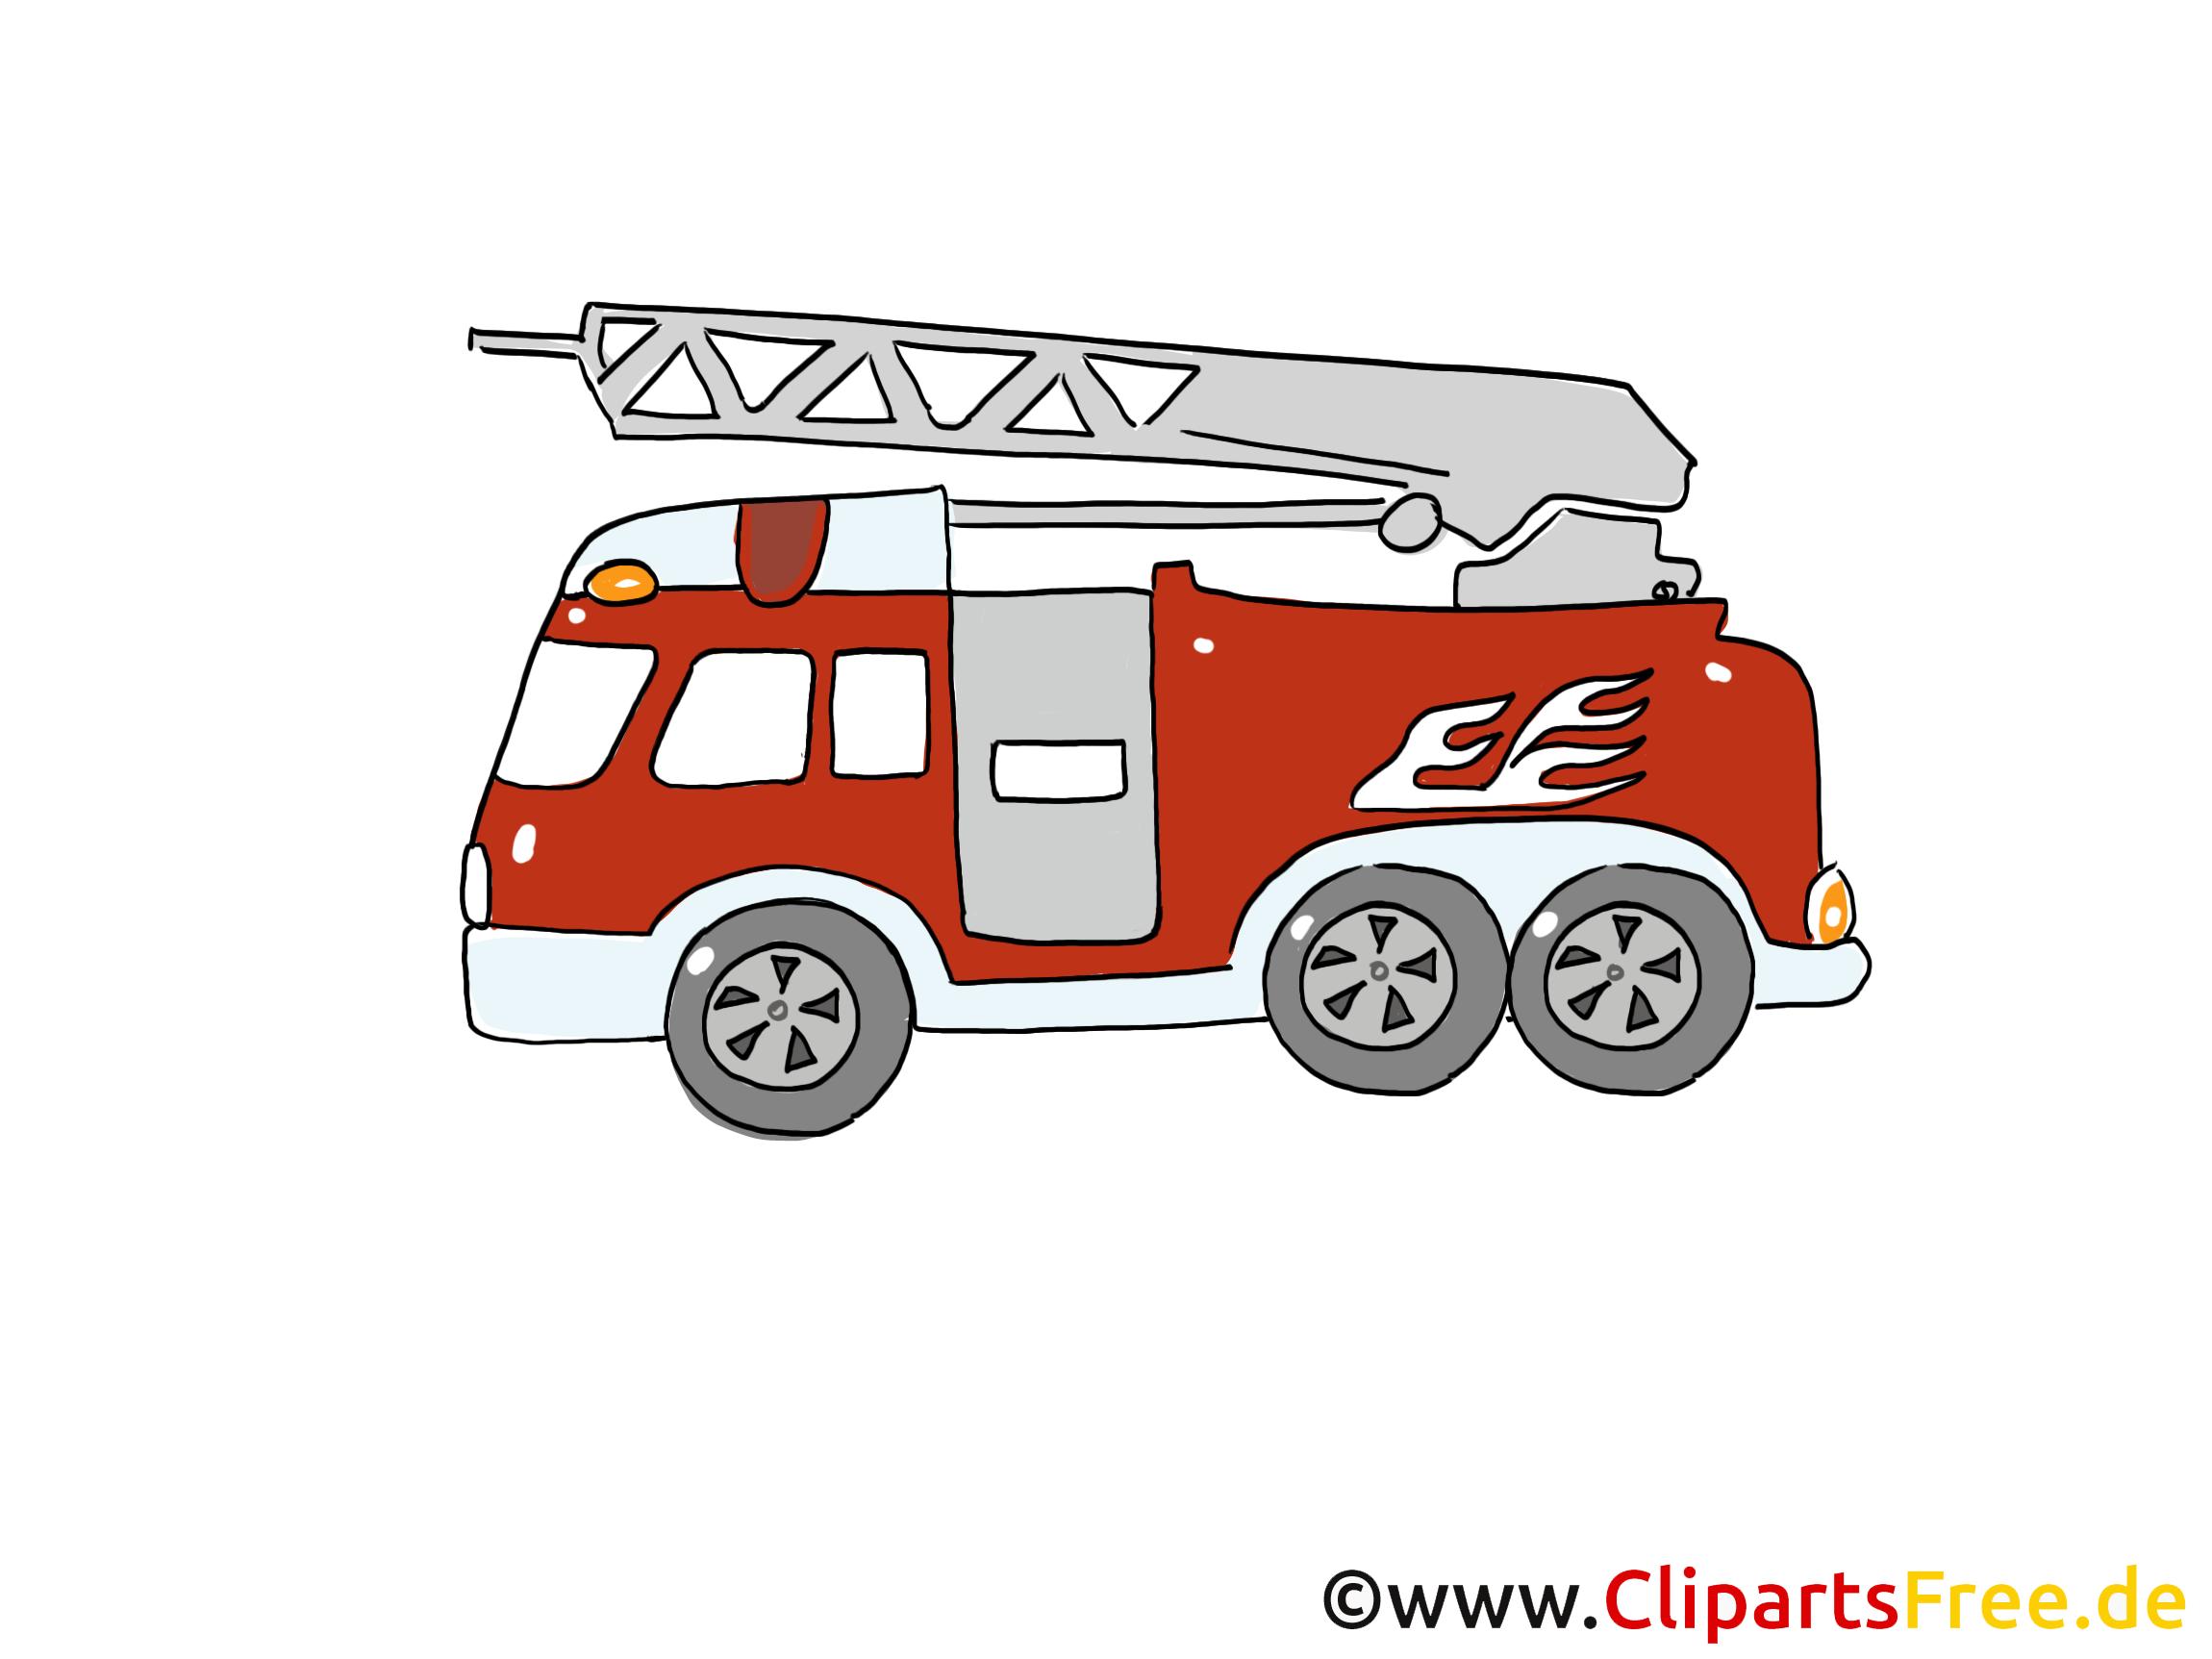 Voiture de pompier image gratuite illustration